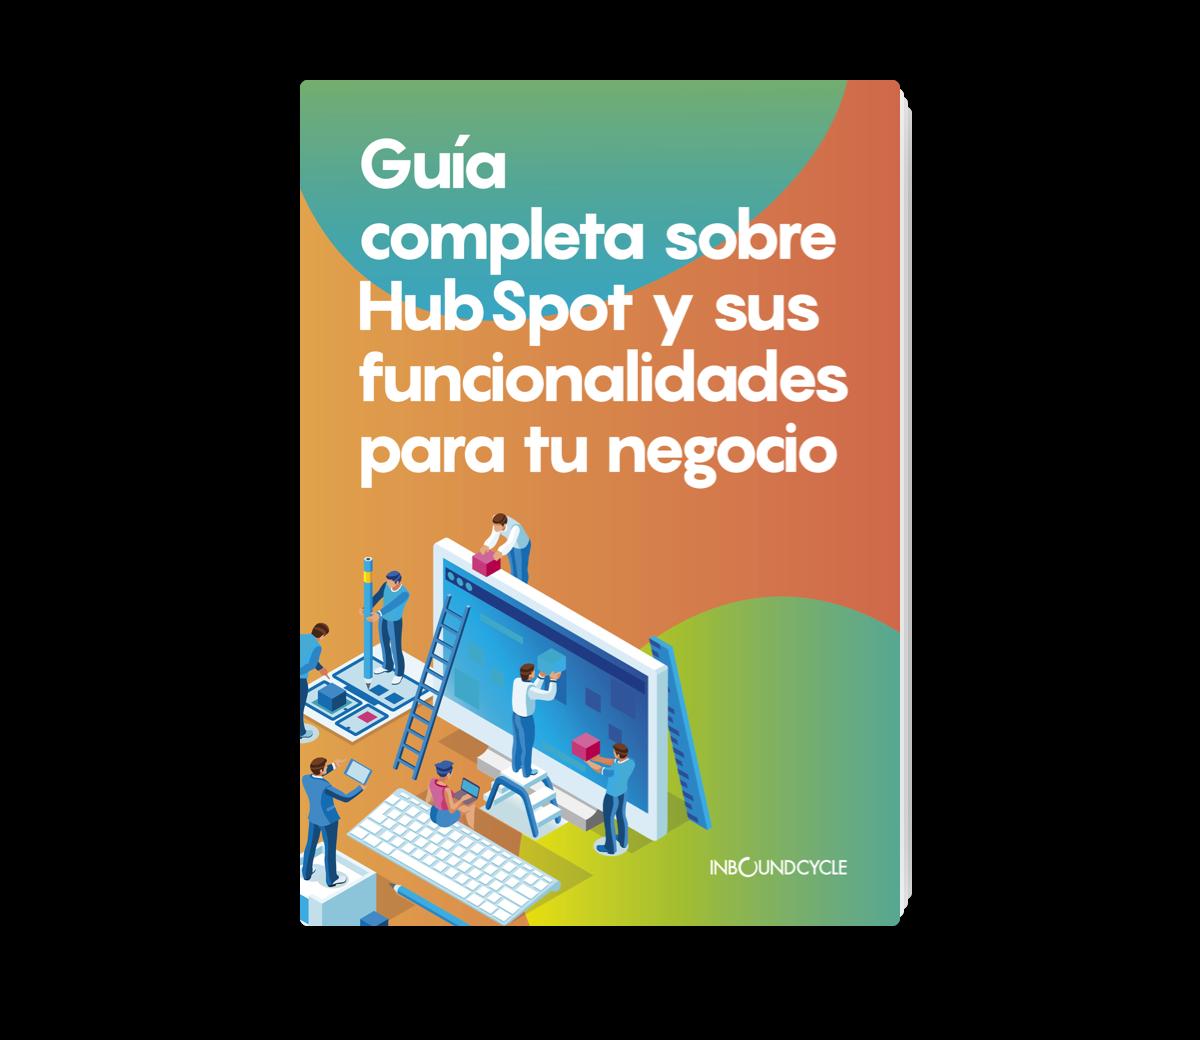 Portada - Guía completa sobre HubSpot y sus funcionalidades para tu negocio